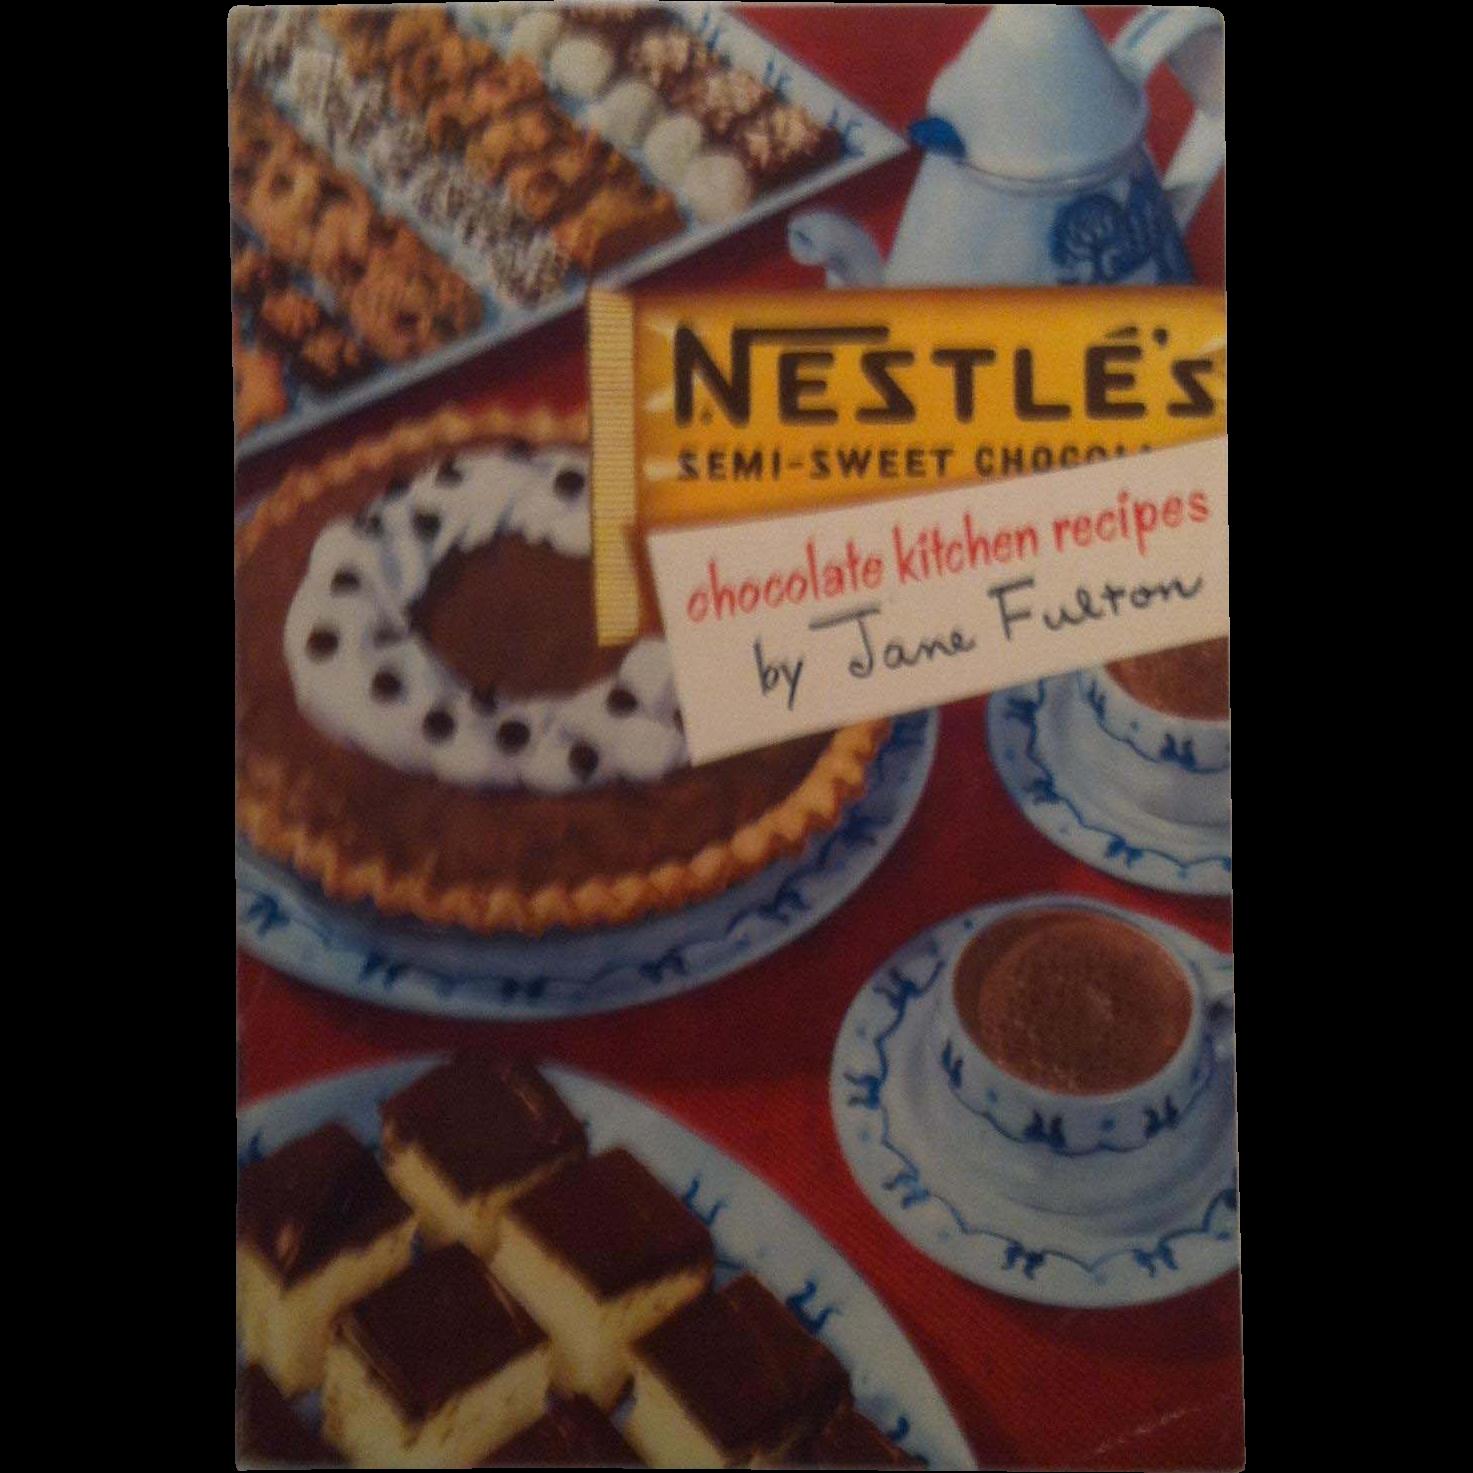 1951 Nestlé Chocolate Kitchen Recipes by Jane Fulton